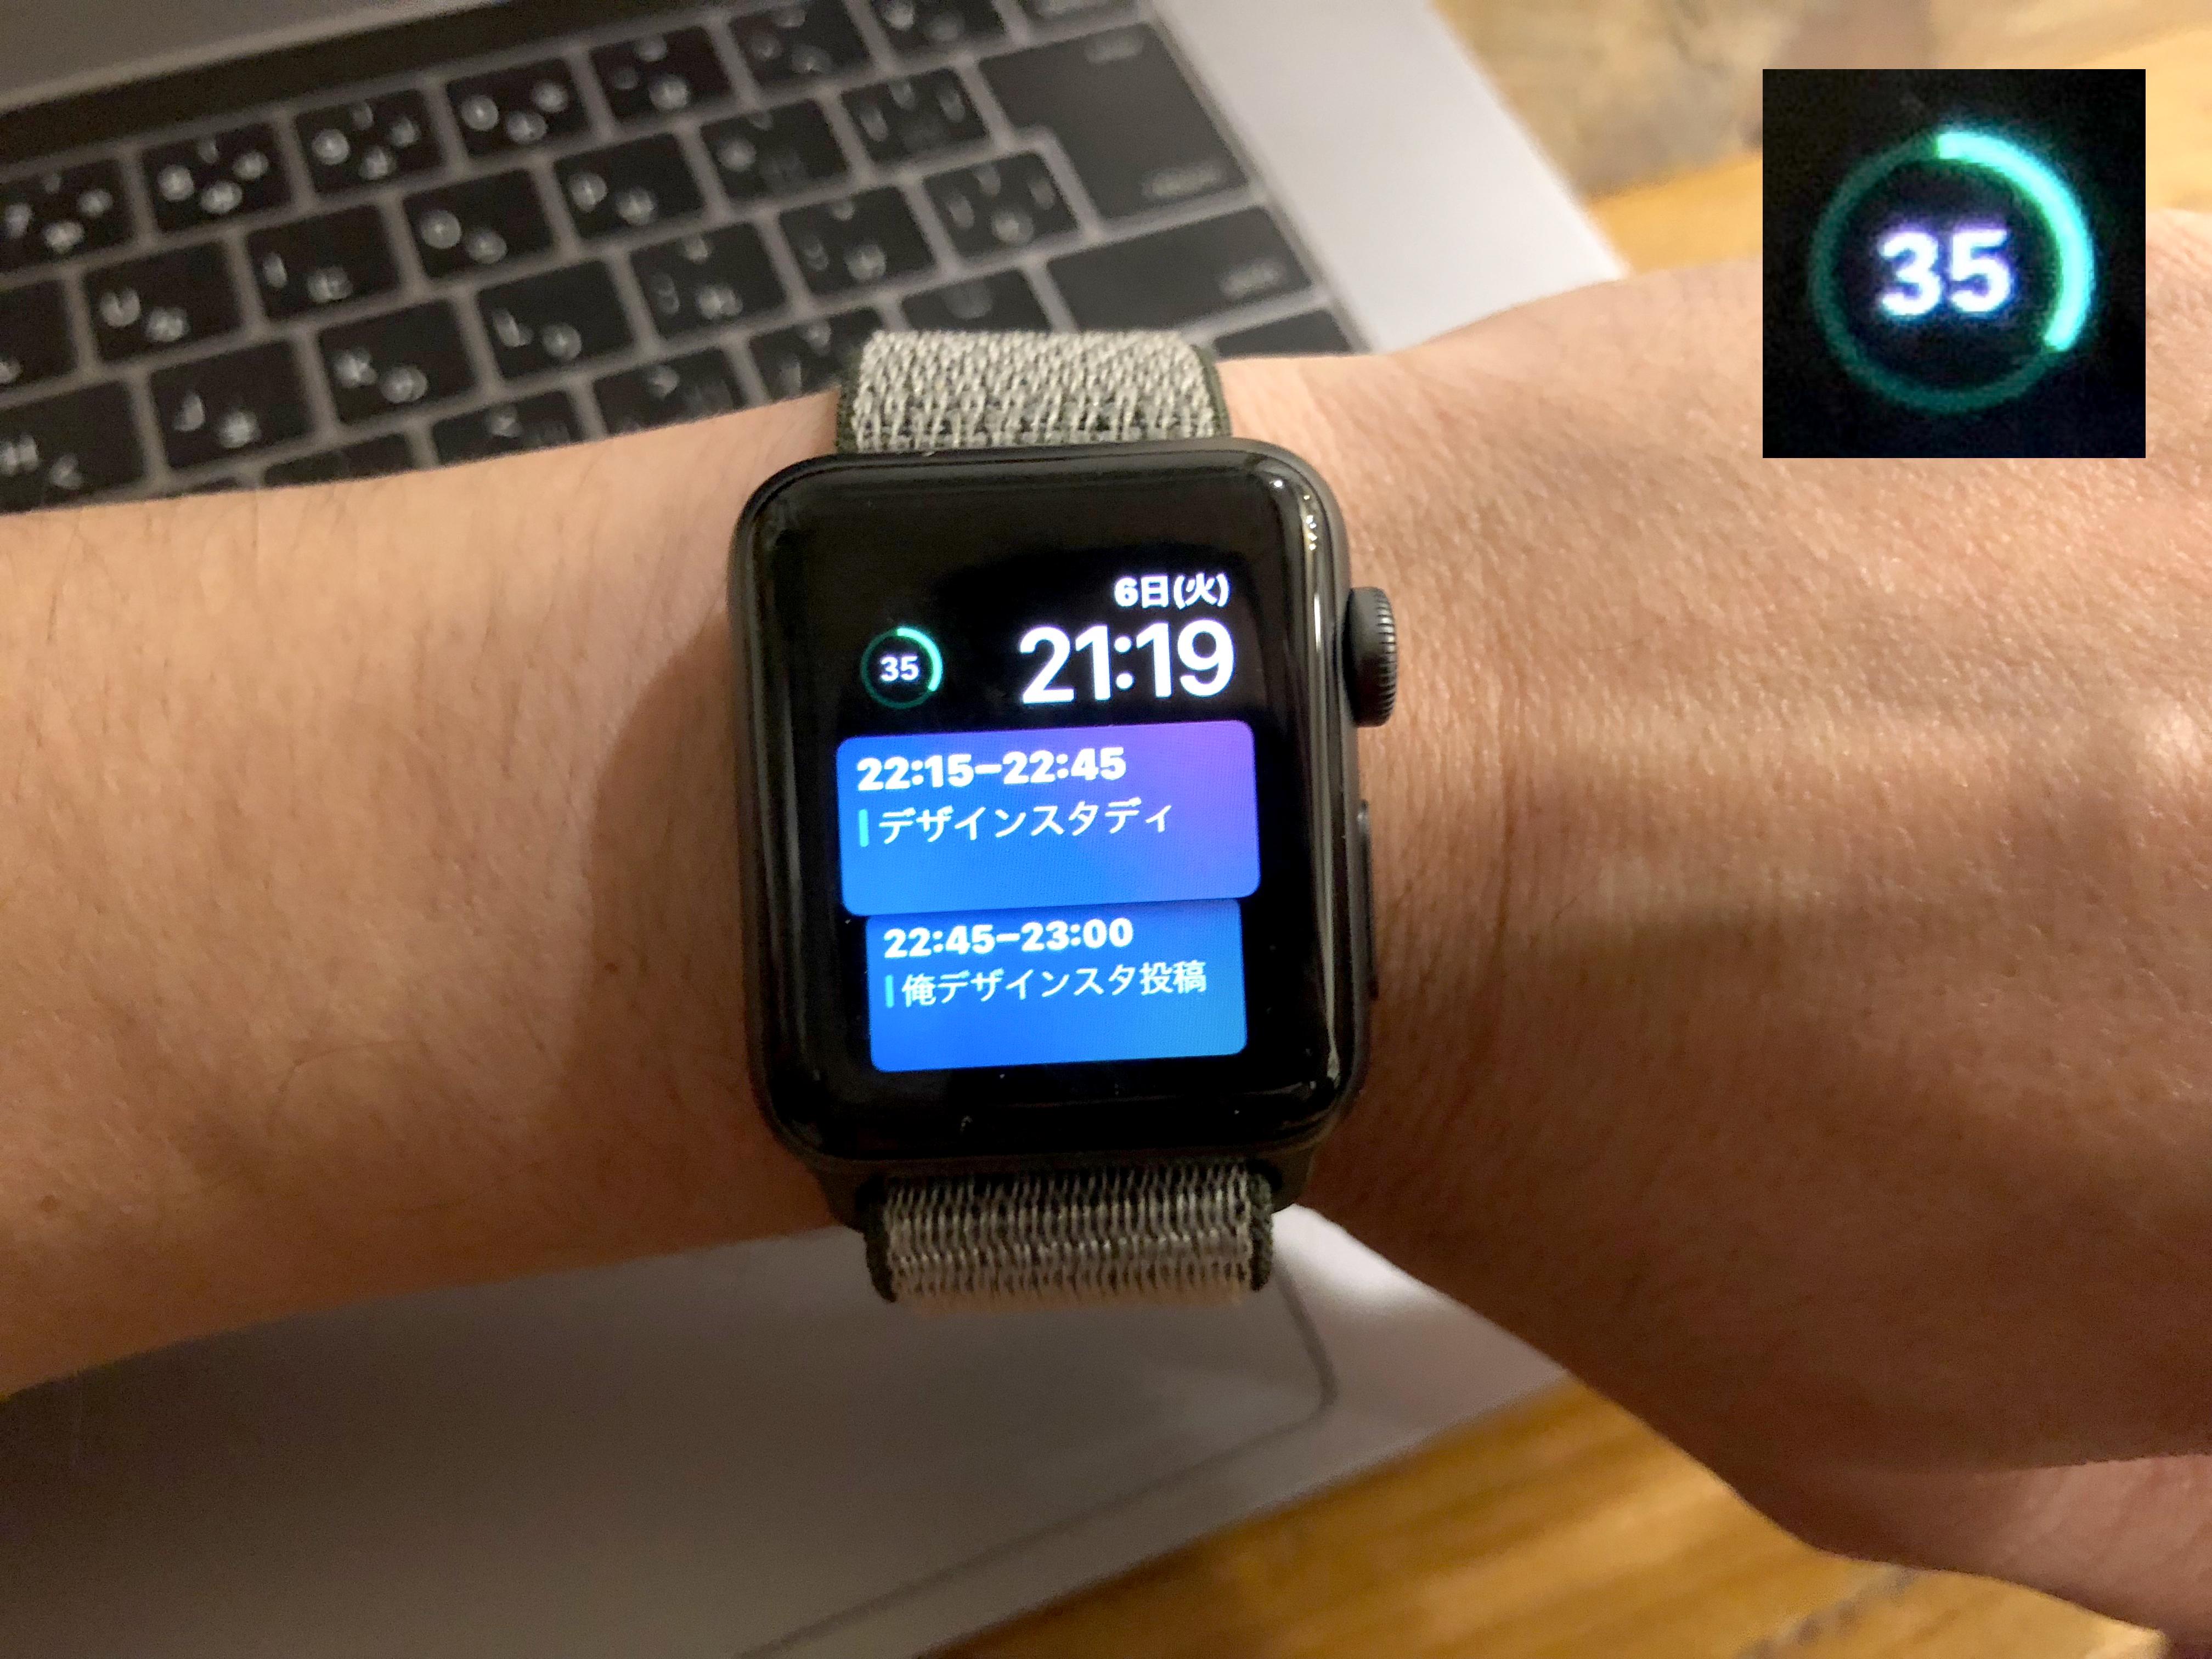 AppleWatchバッテリー35%に関する写真.